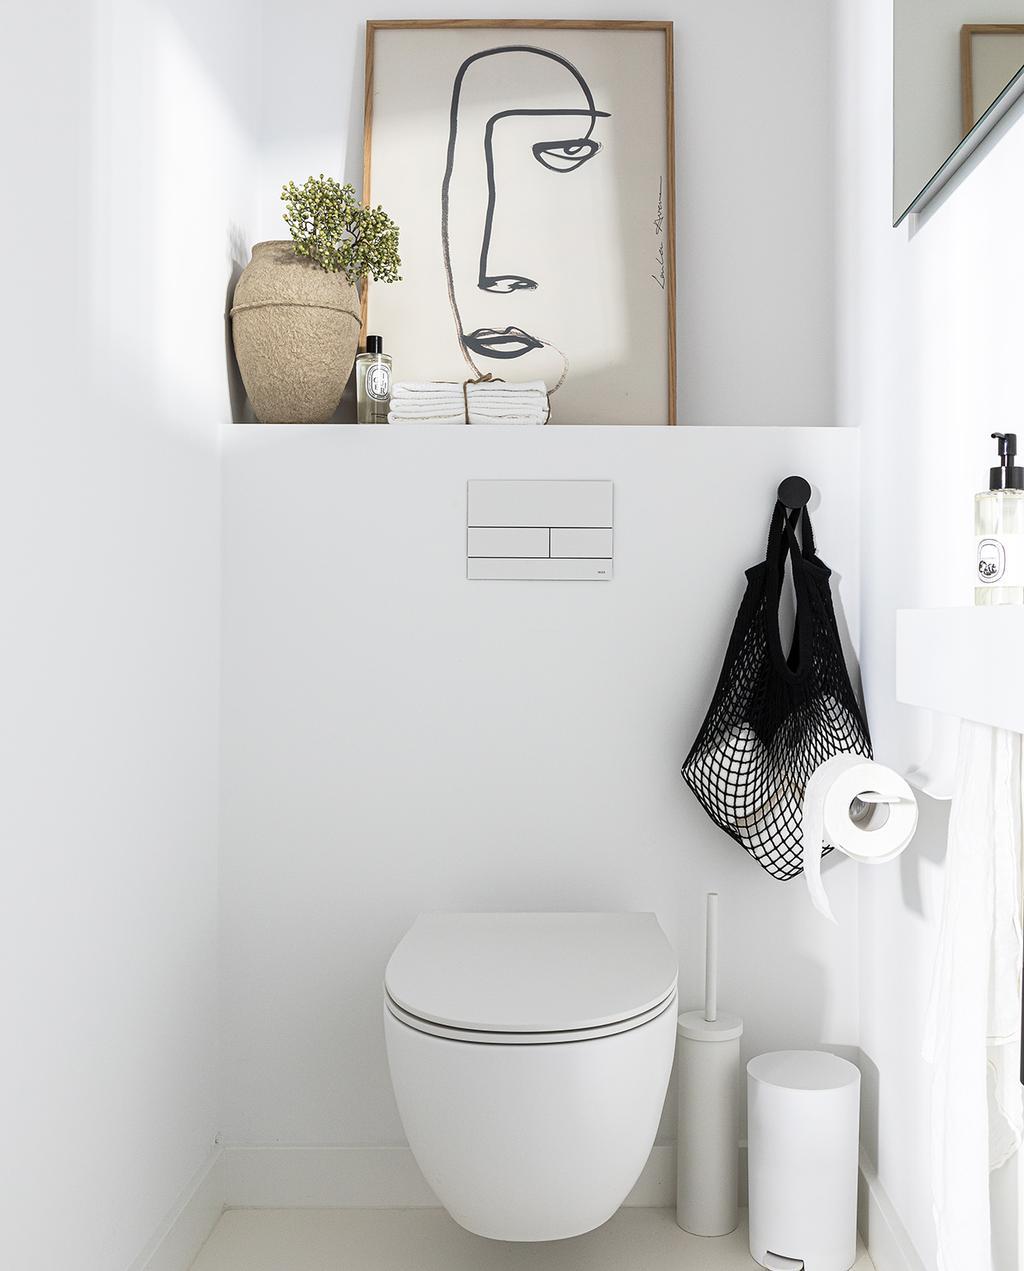 vtwonen 04-2021 | toilet met kunst van gezicht